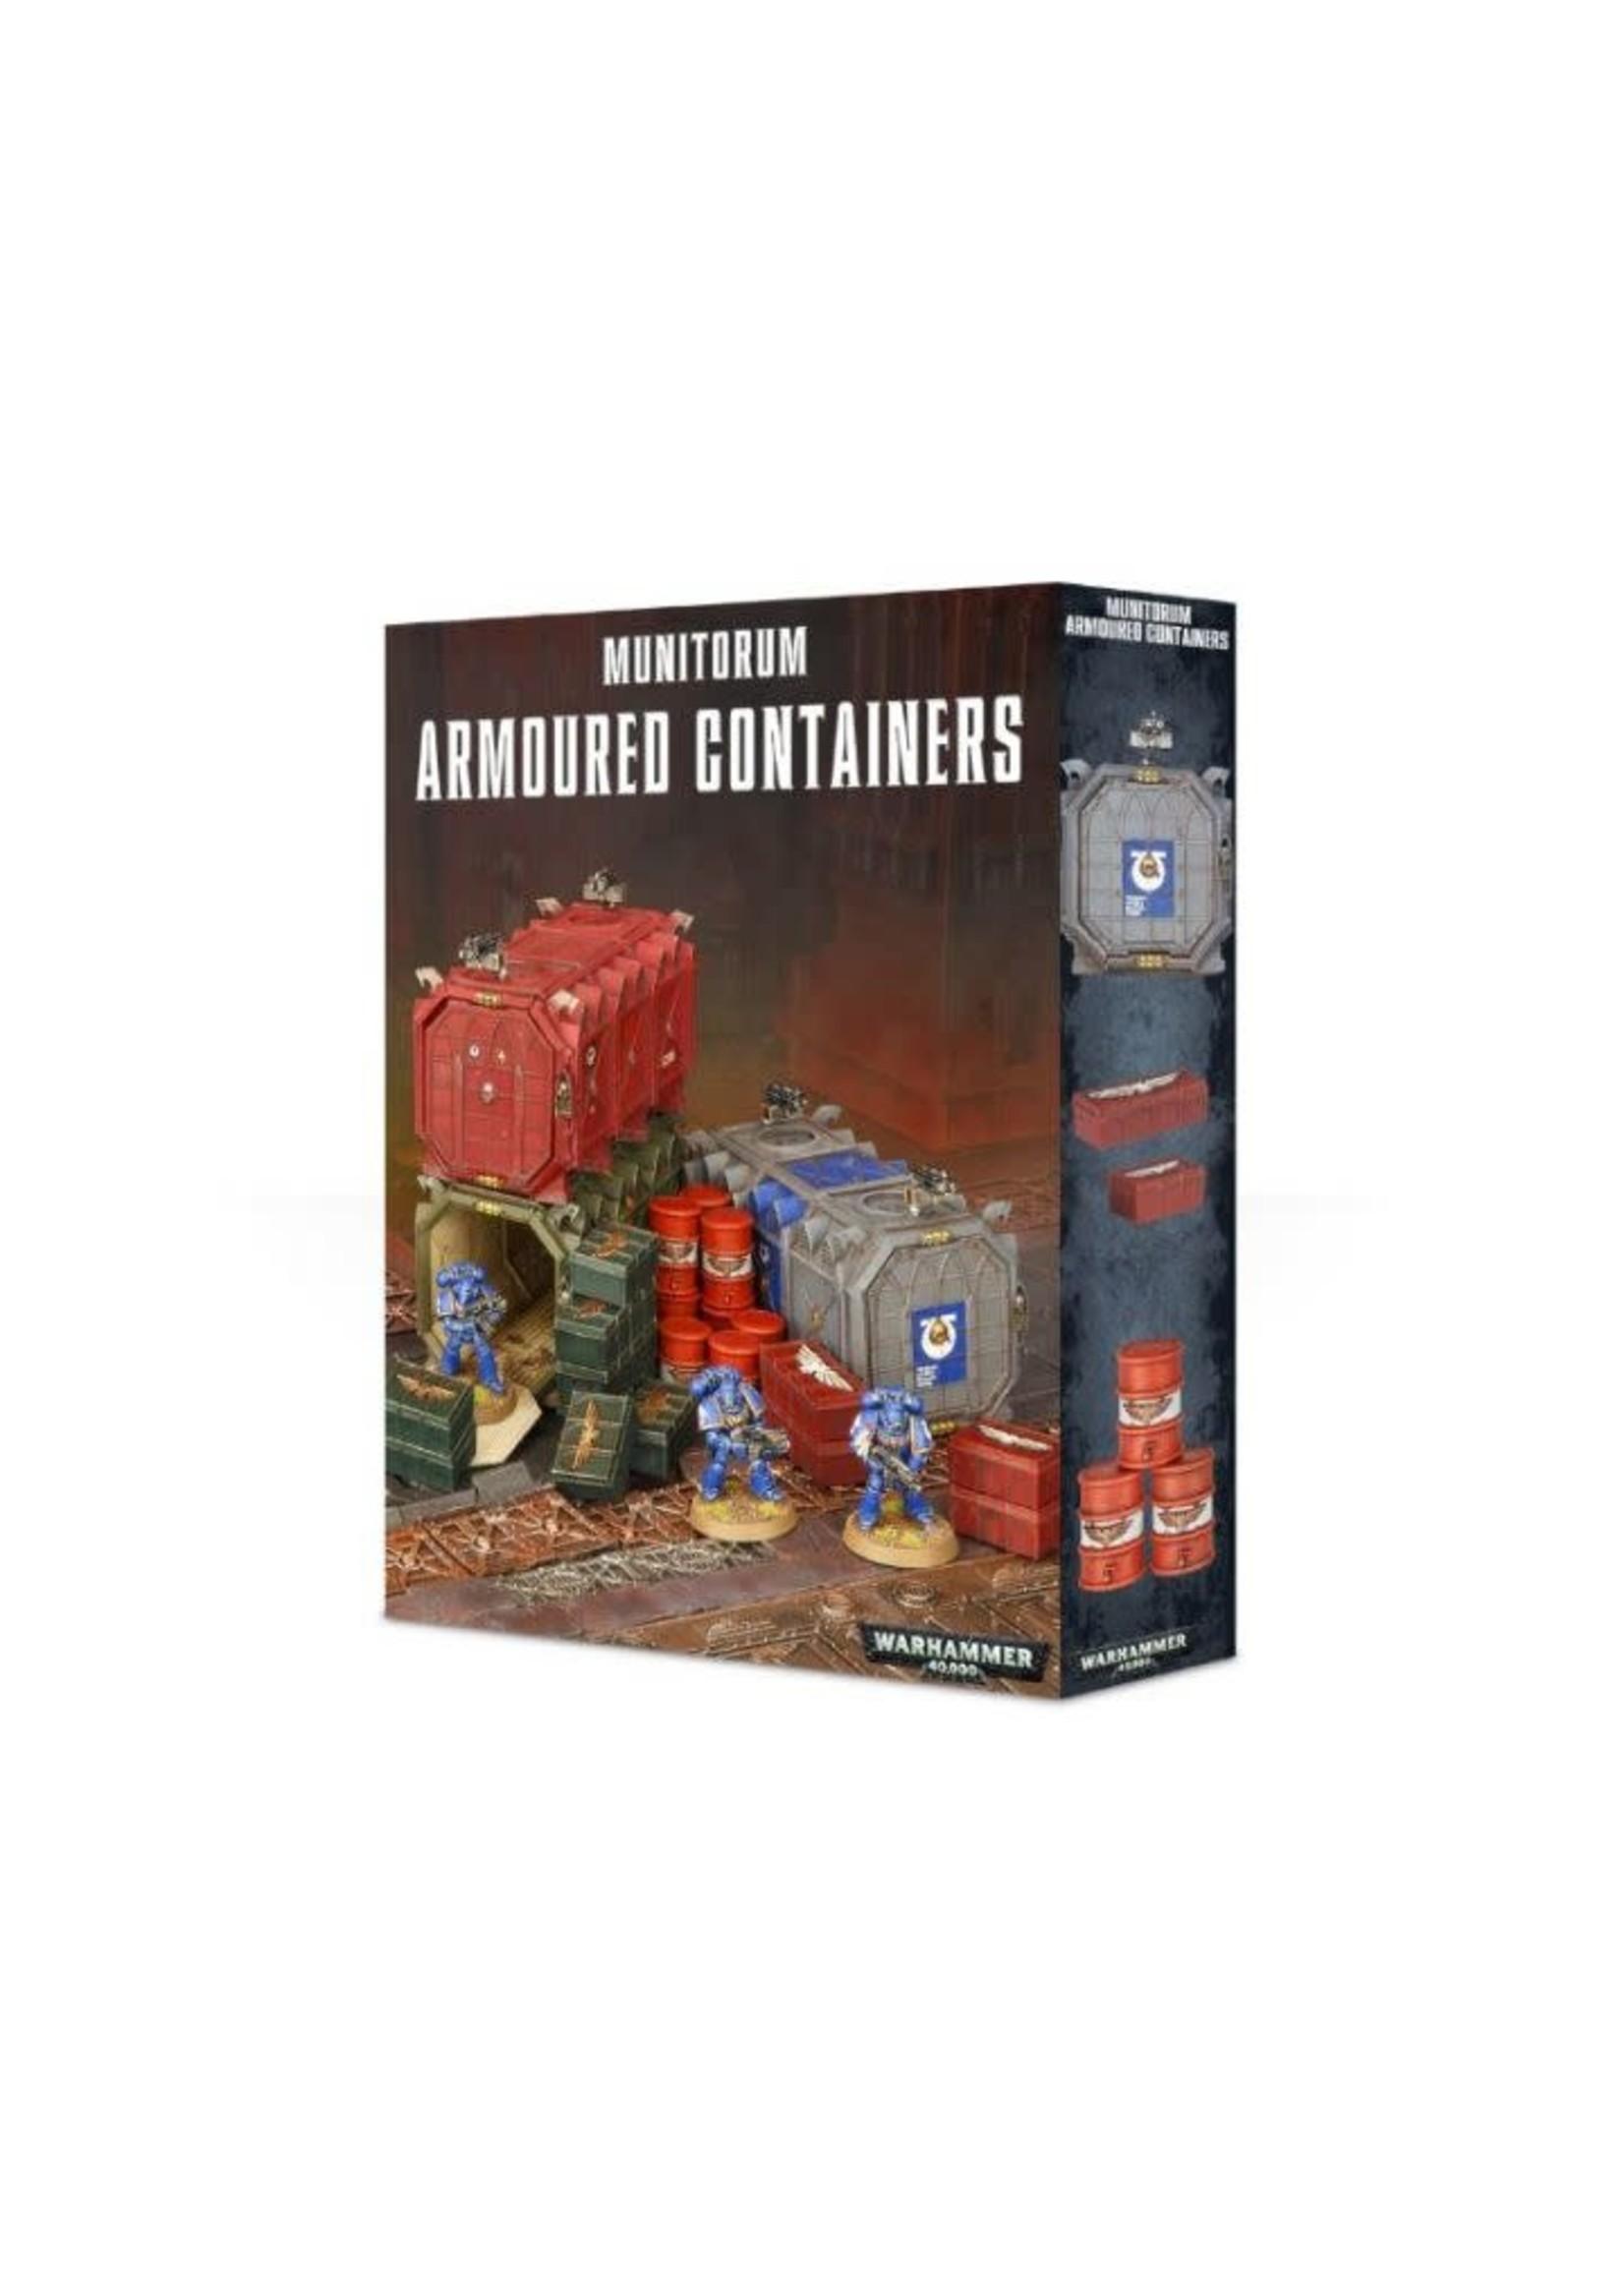 Munitorium Armoured Containers